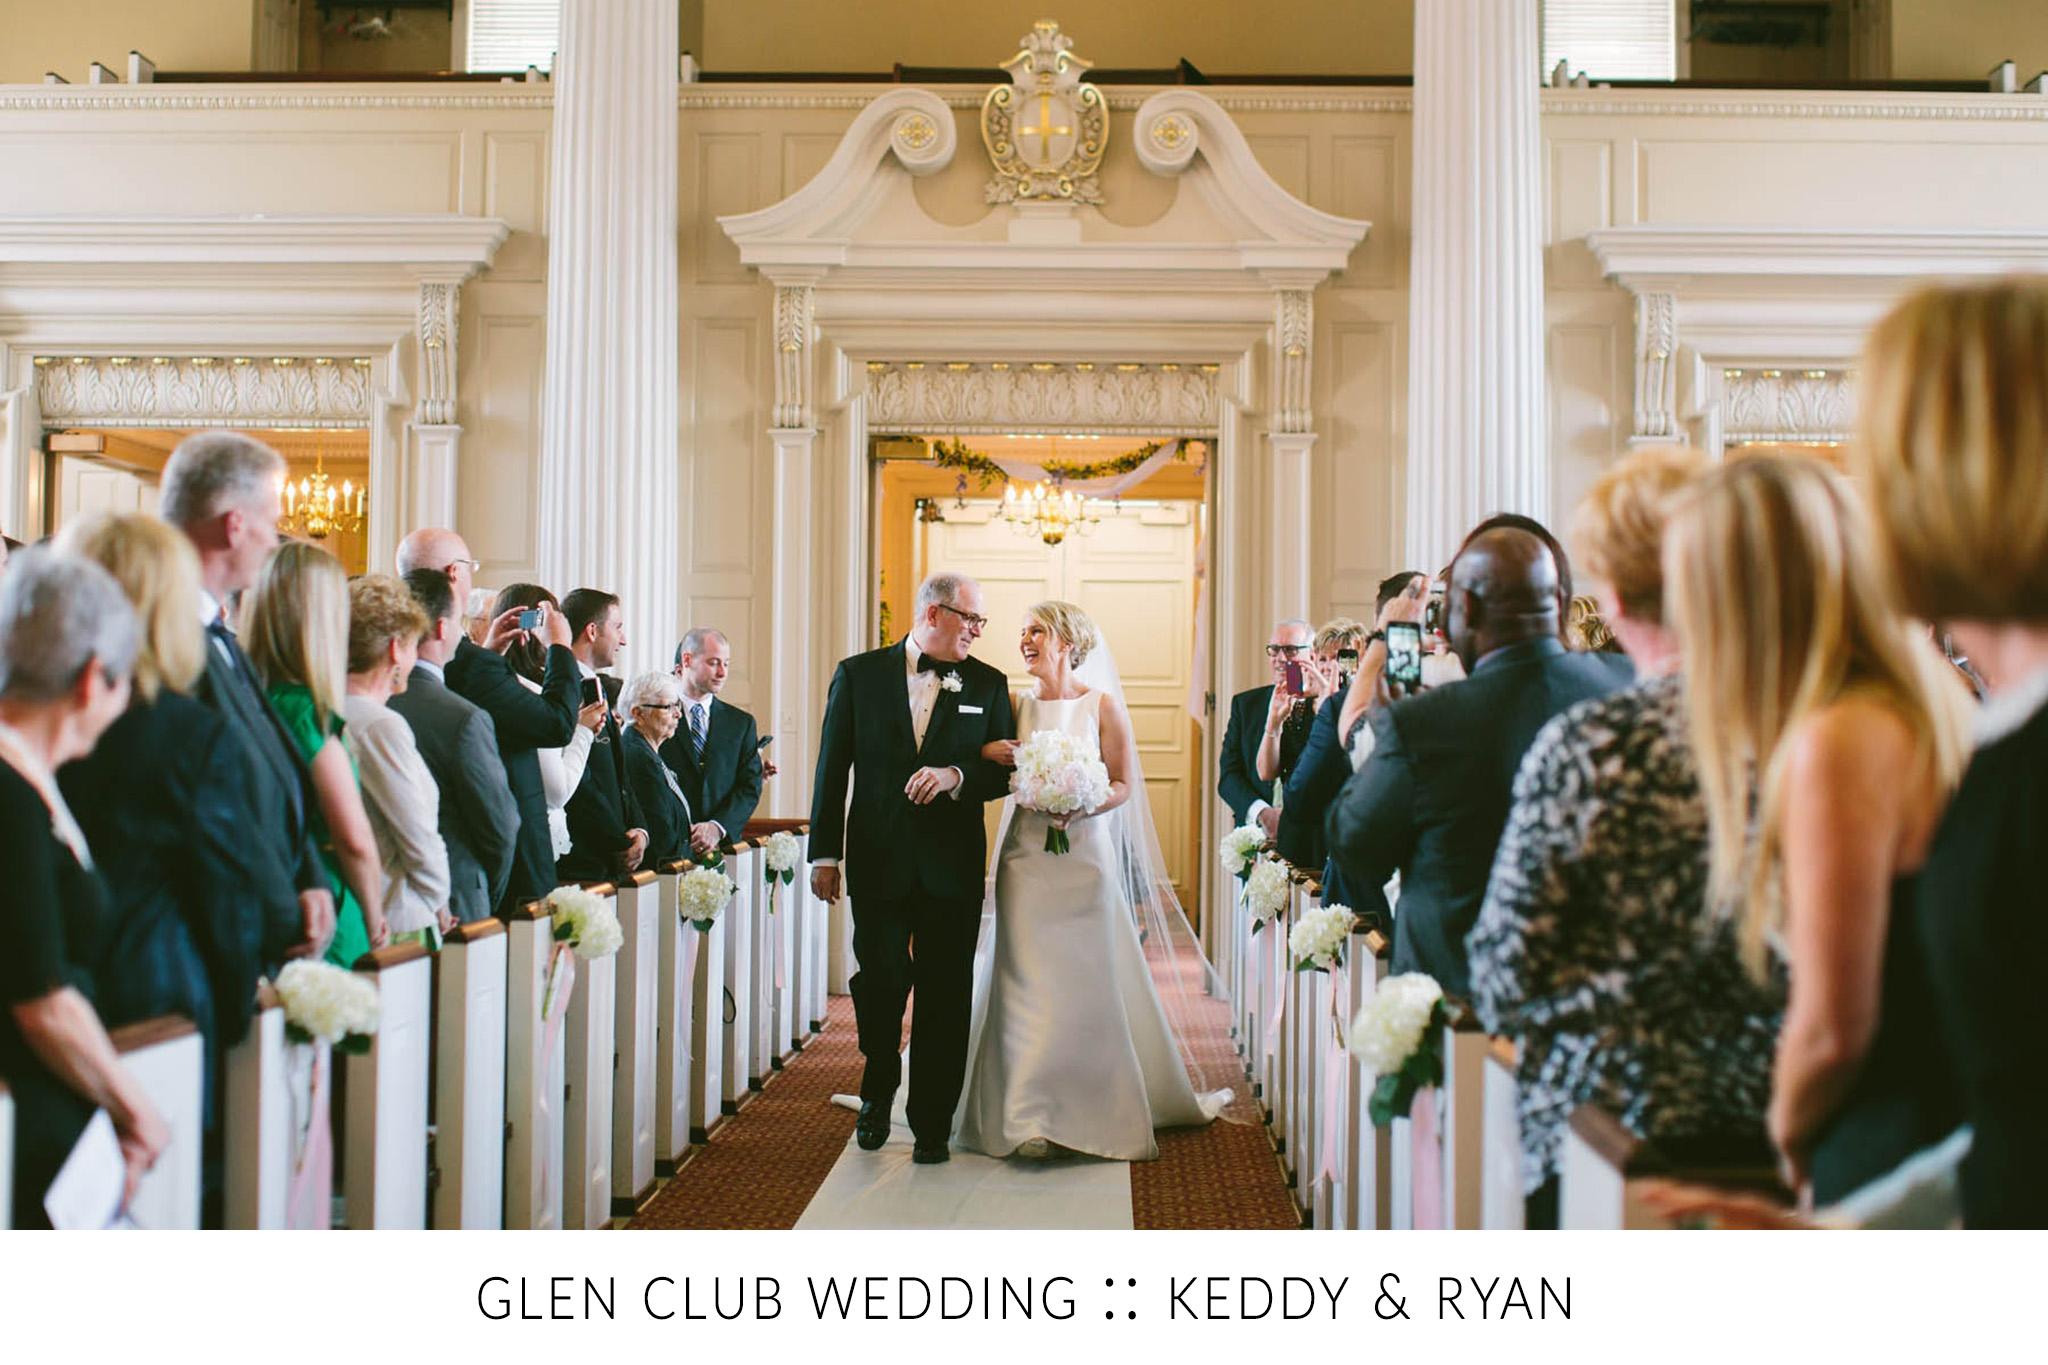 Glen Club Wedding